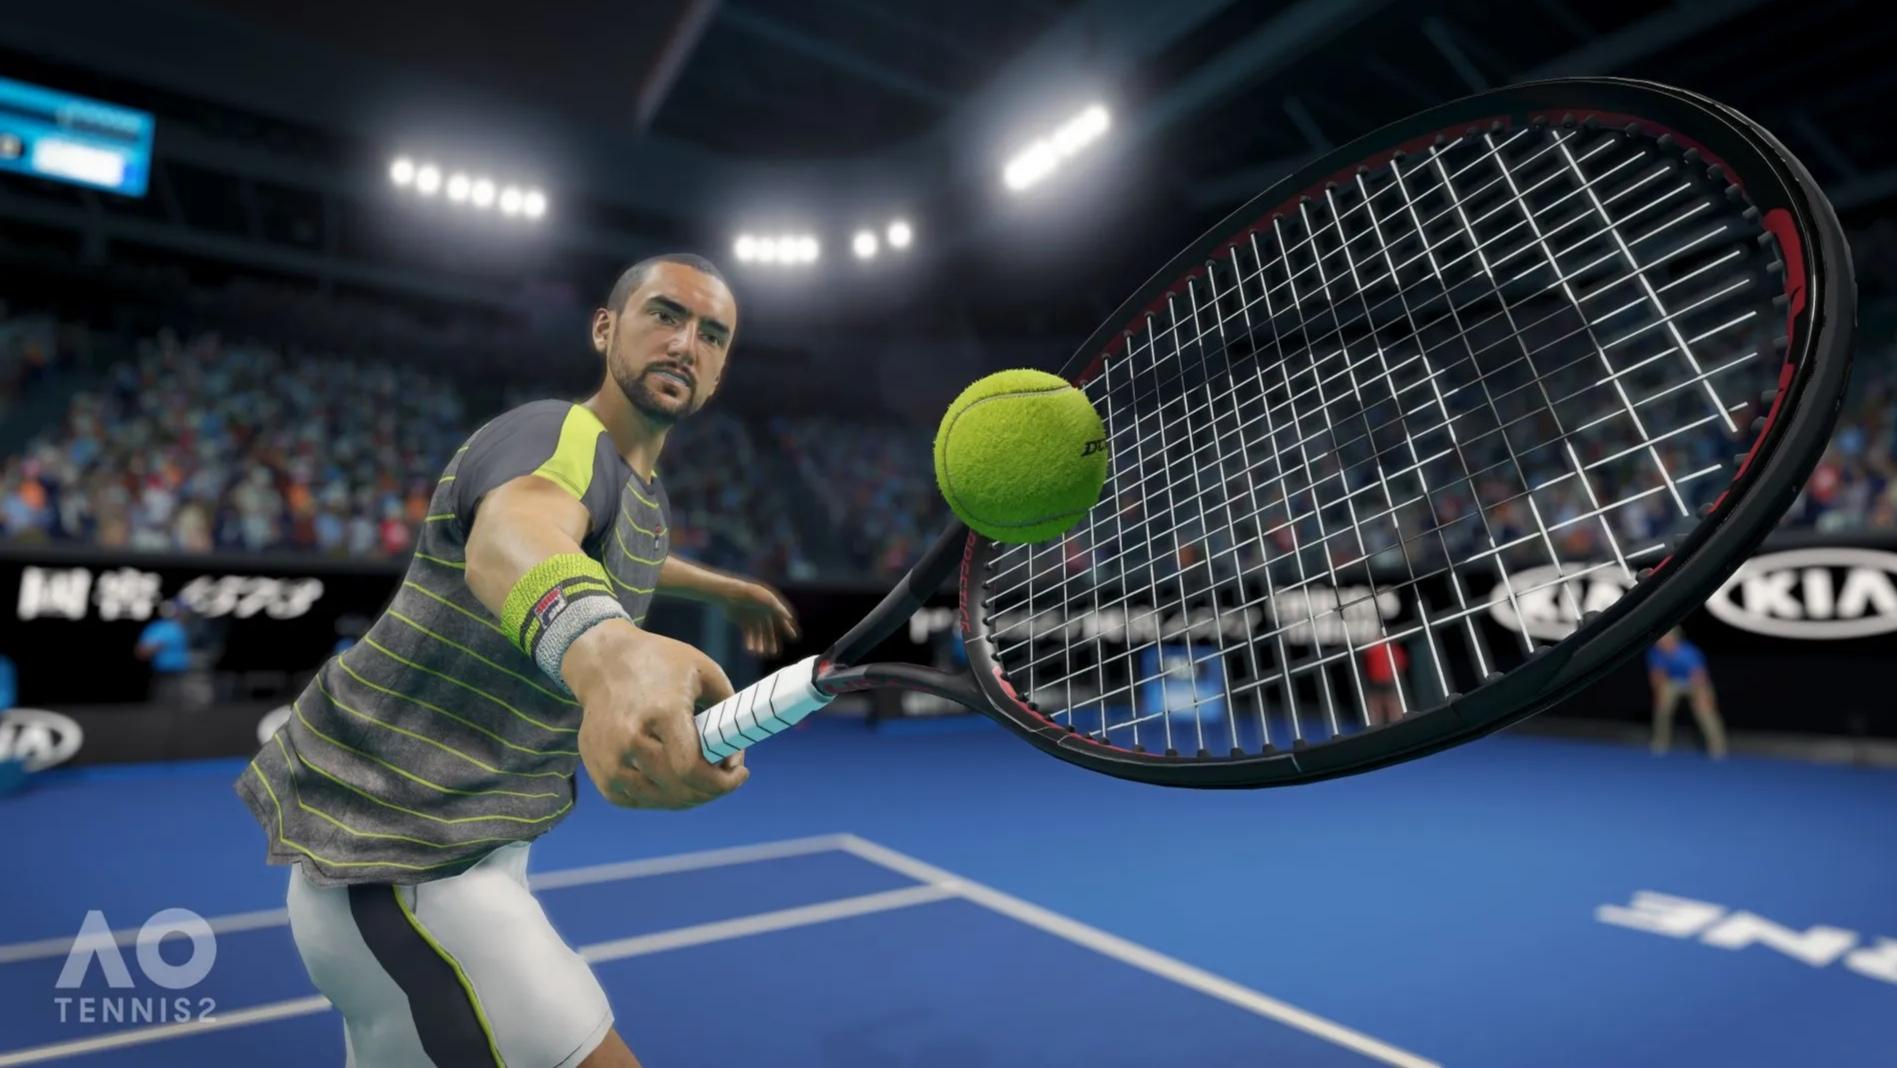 Oznámena sportovní hra AO Tennis 2